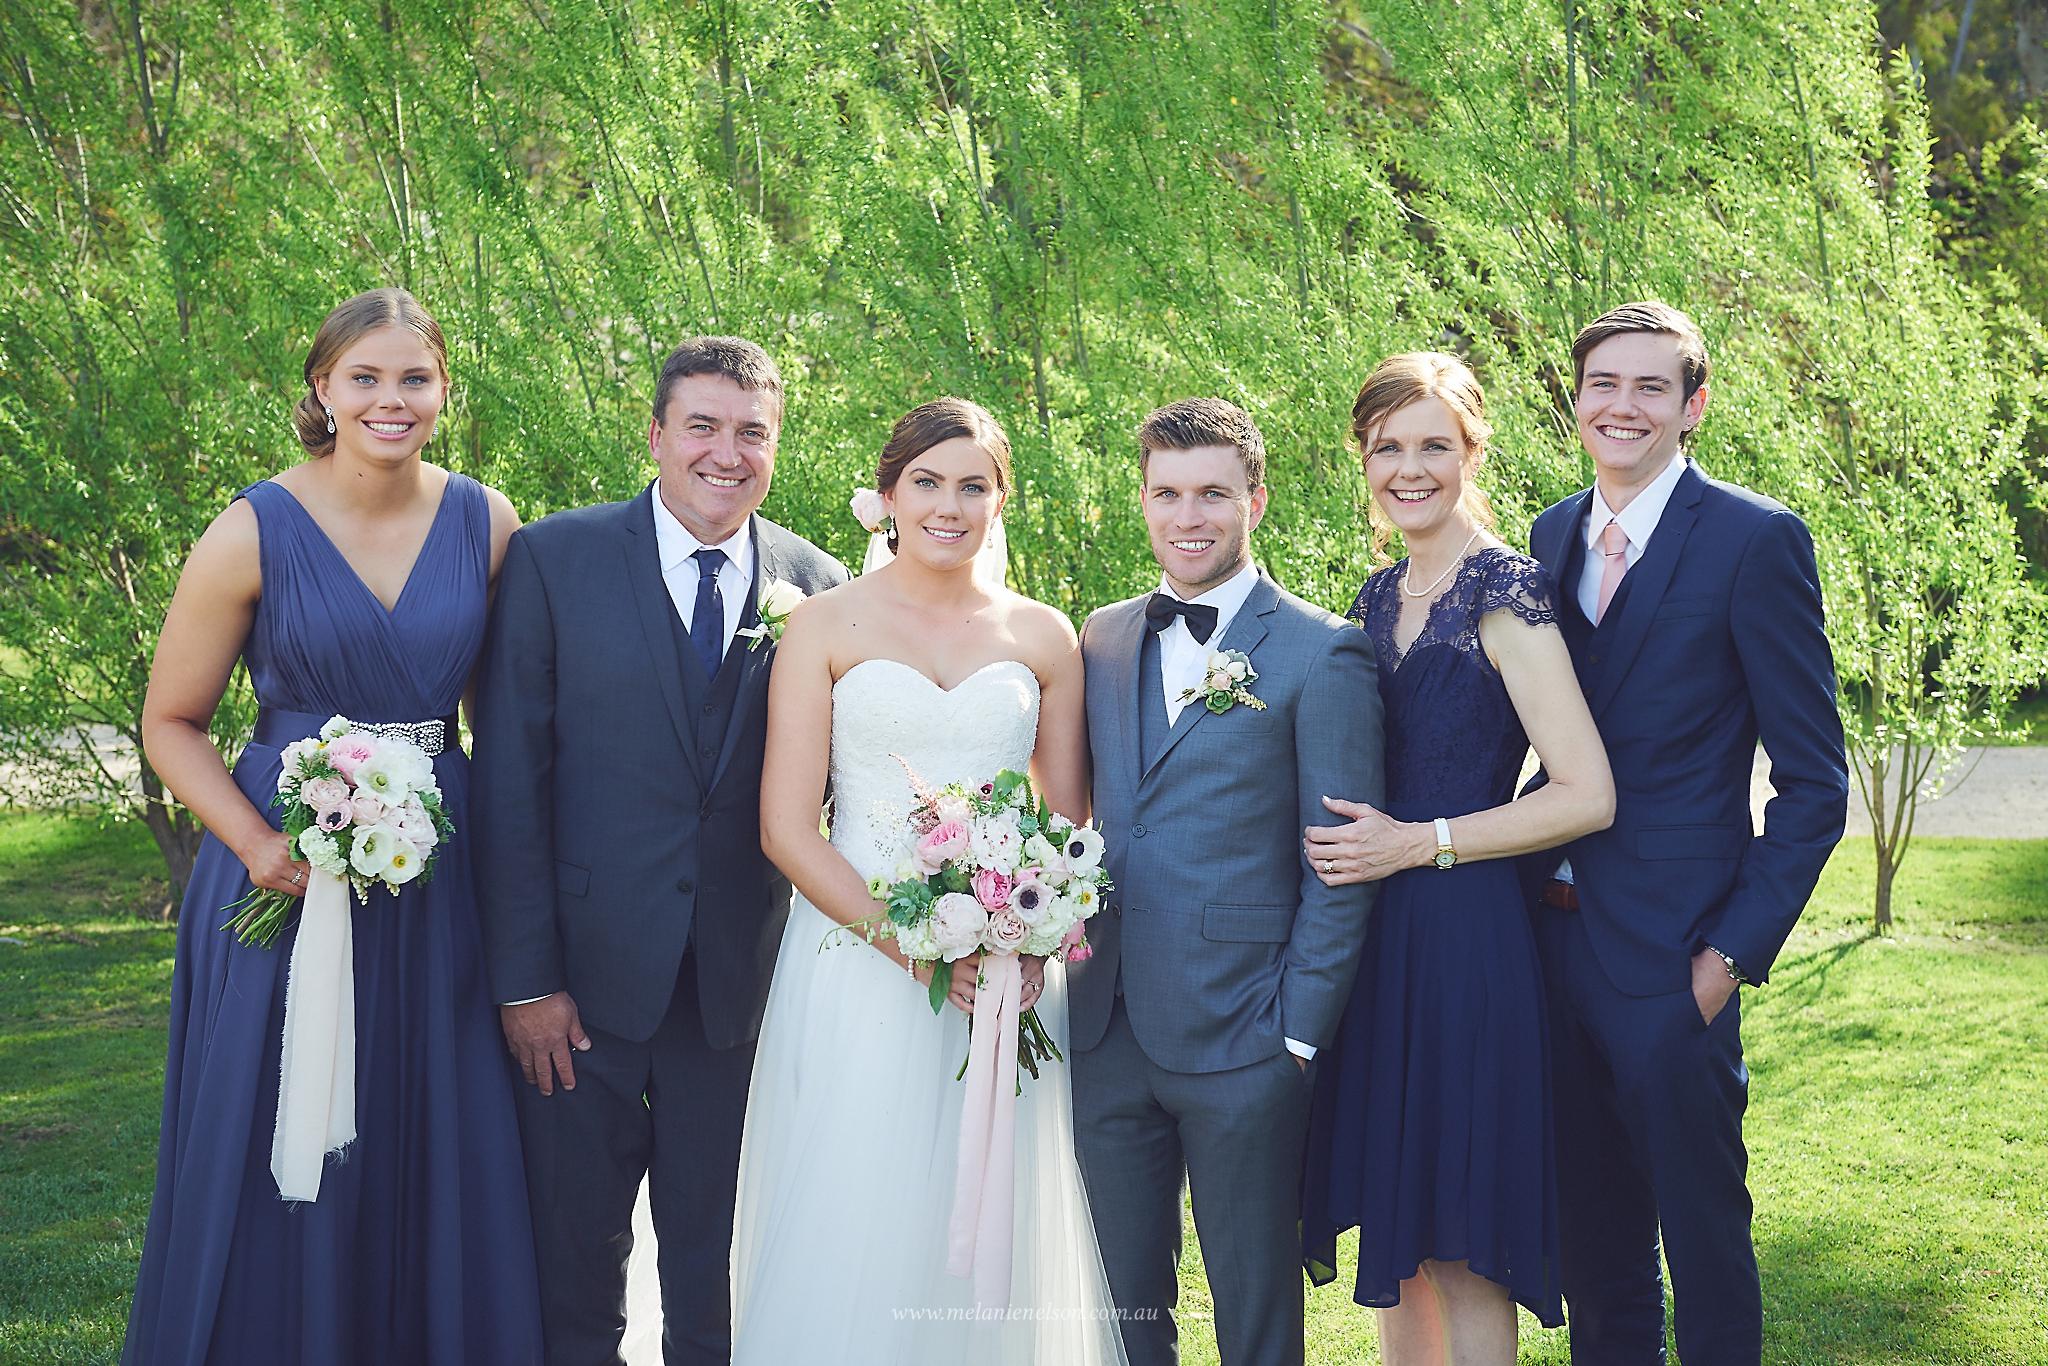 howards_vineyard_wedding_0004.jpg